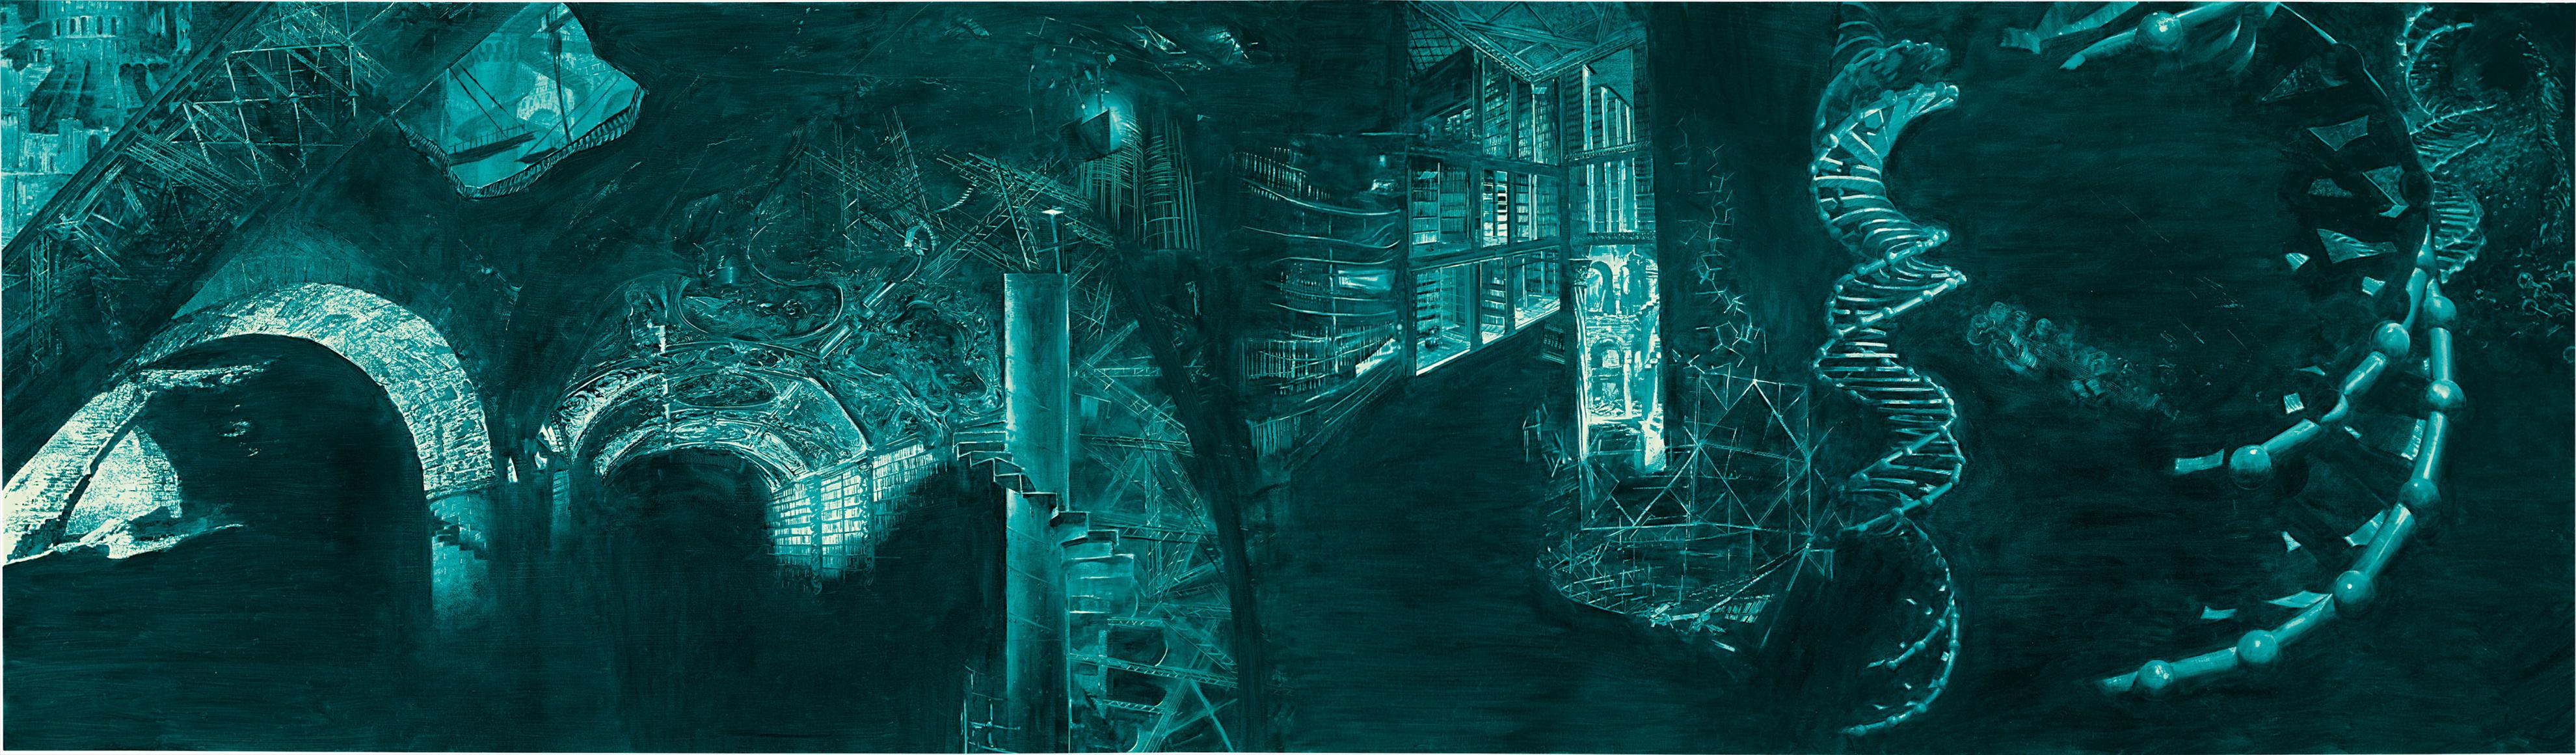 Mark Tansey-Library (Of Babylon)-1994